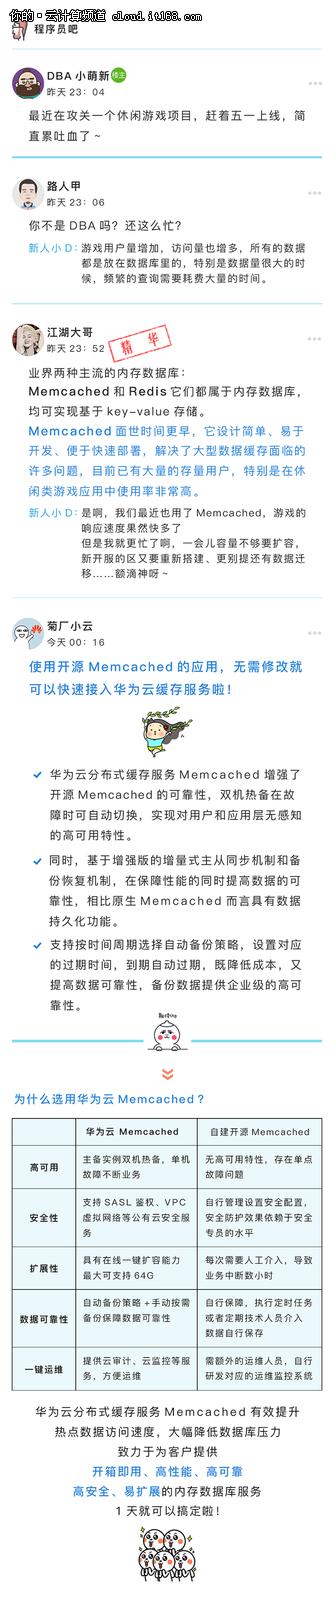 【解救程序员系列】Memcached老司机带你飞上华为云